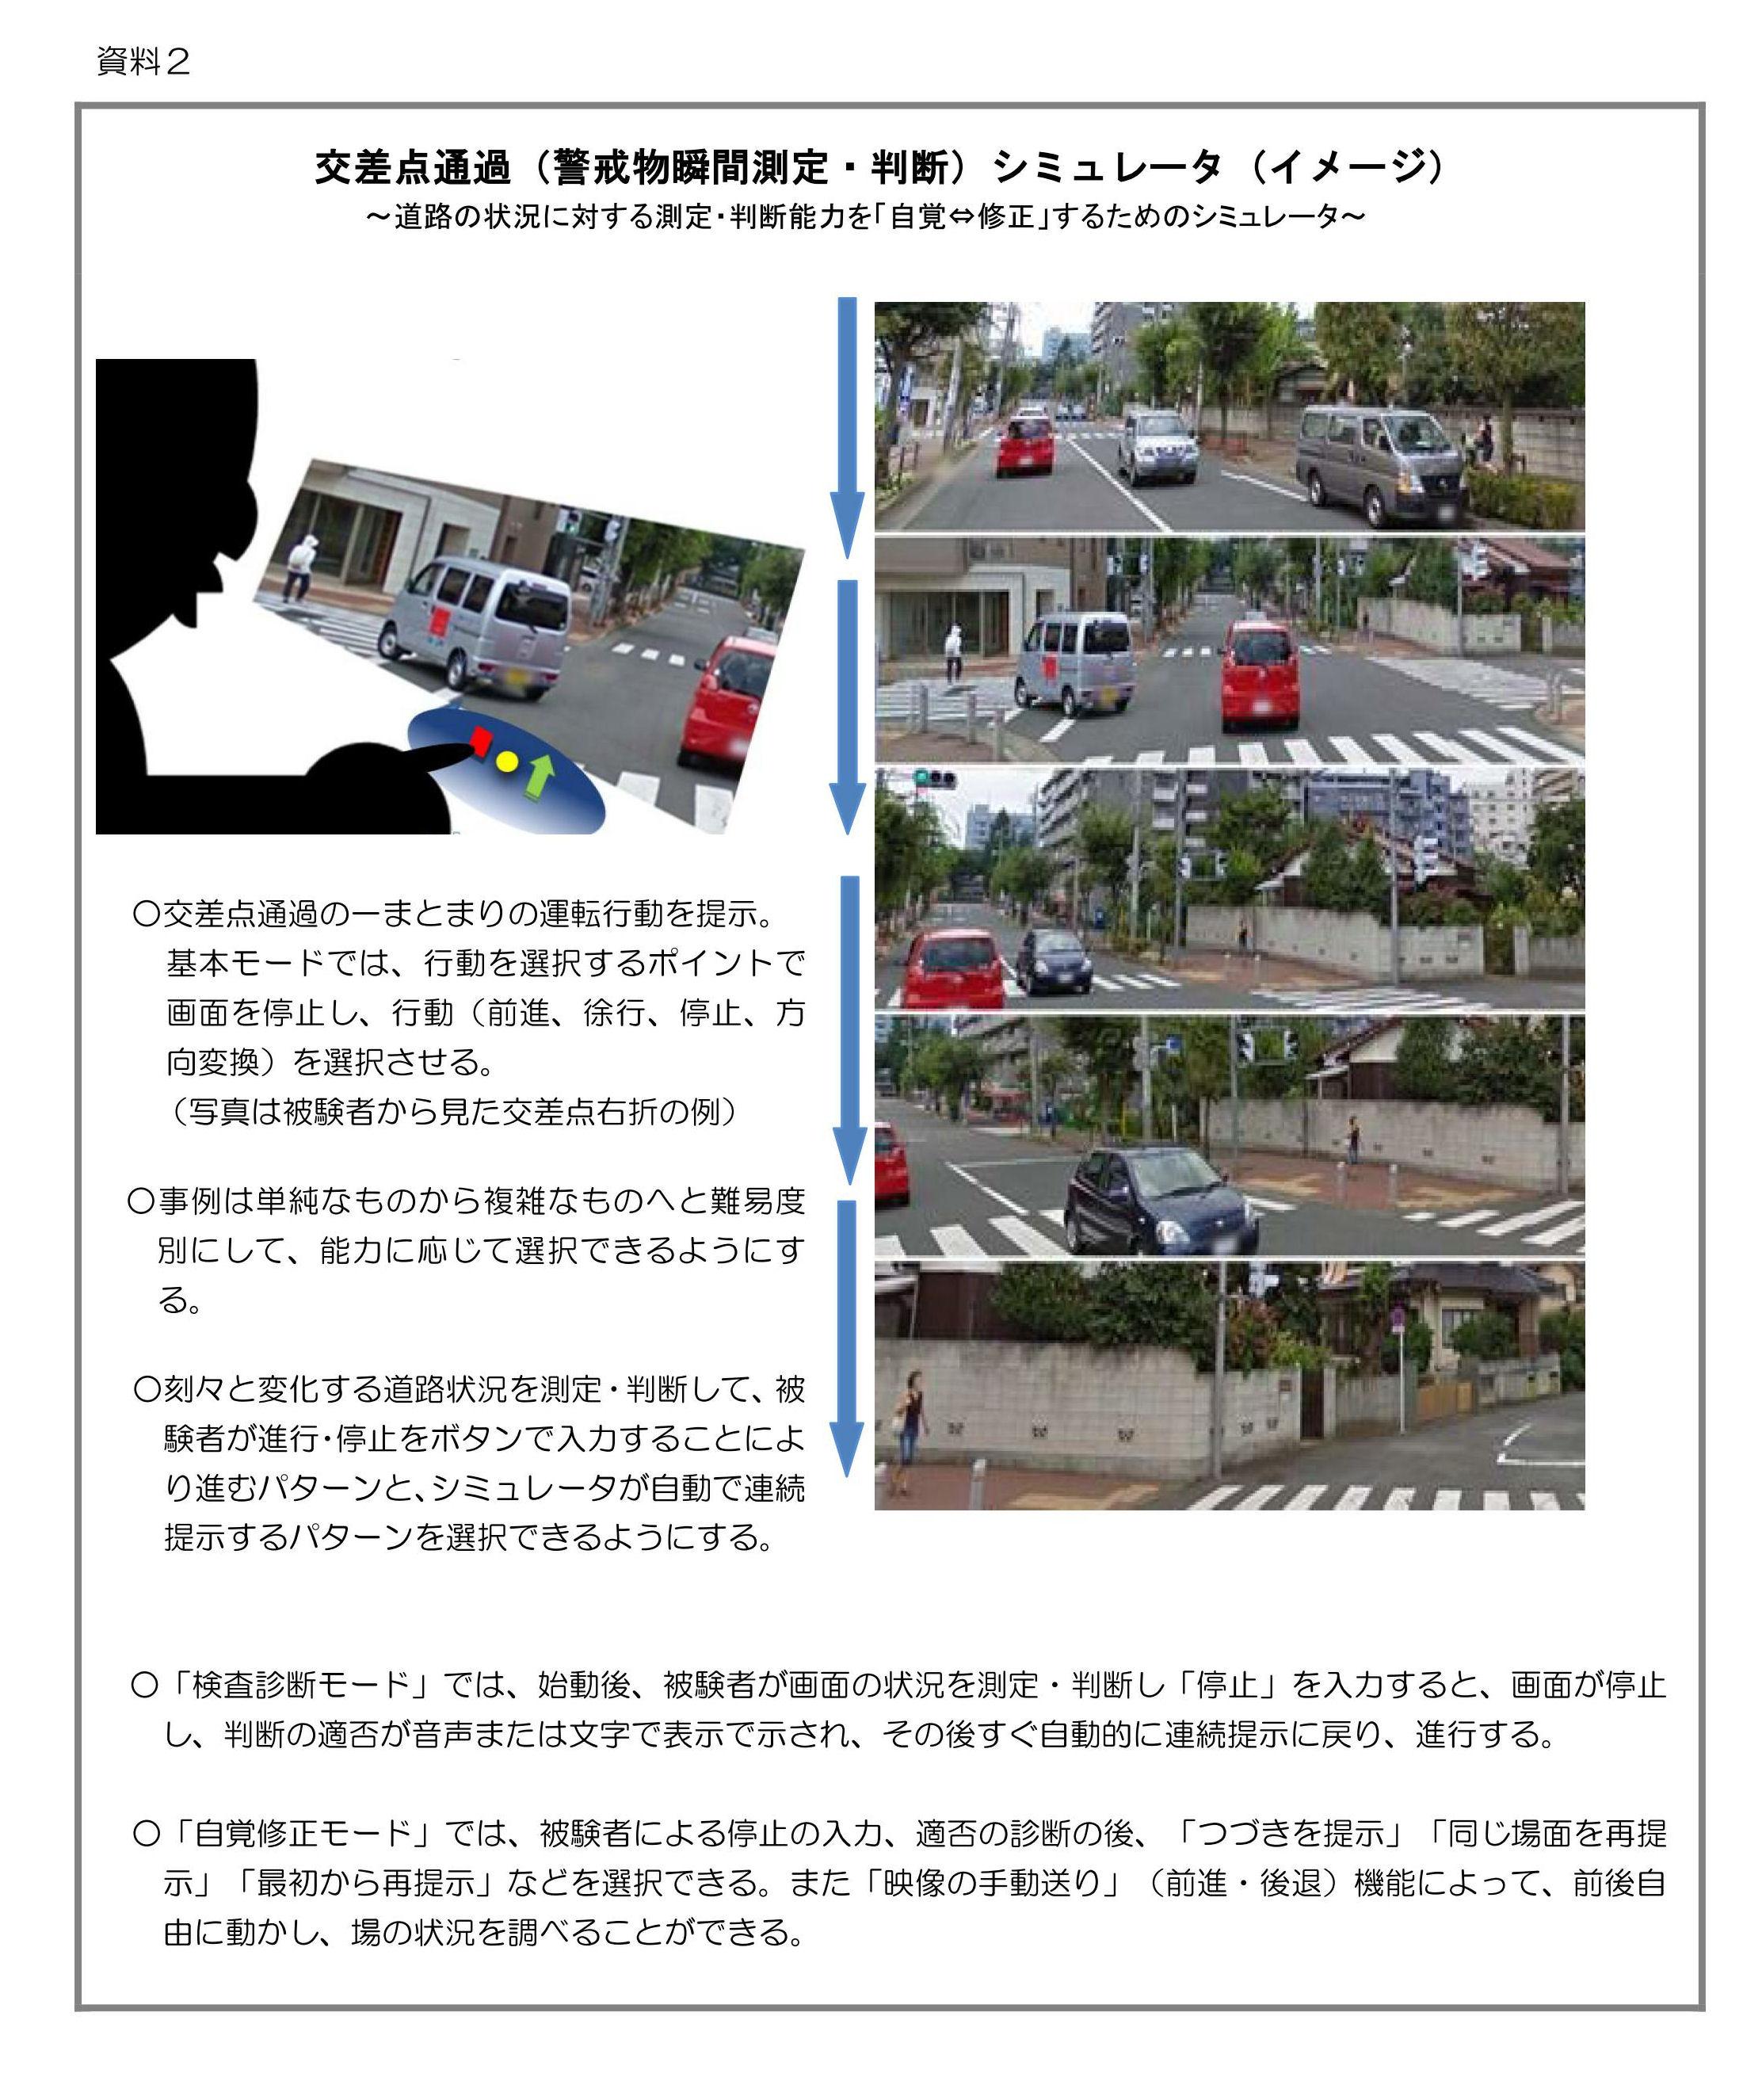 資料2 交差点通過(警戒物瞬間測定・判断)シミュレータのイメージ